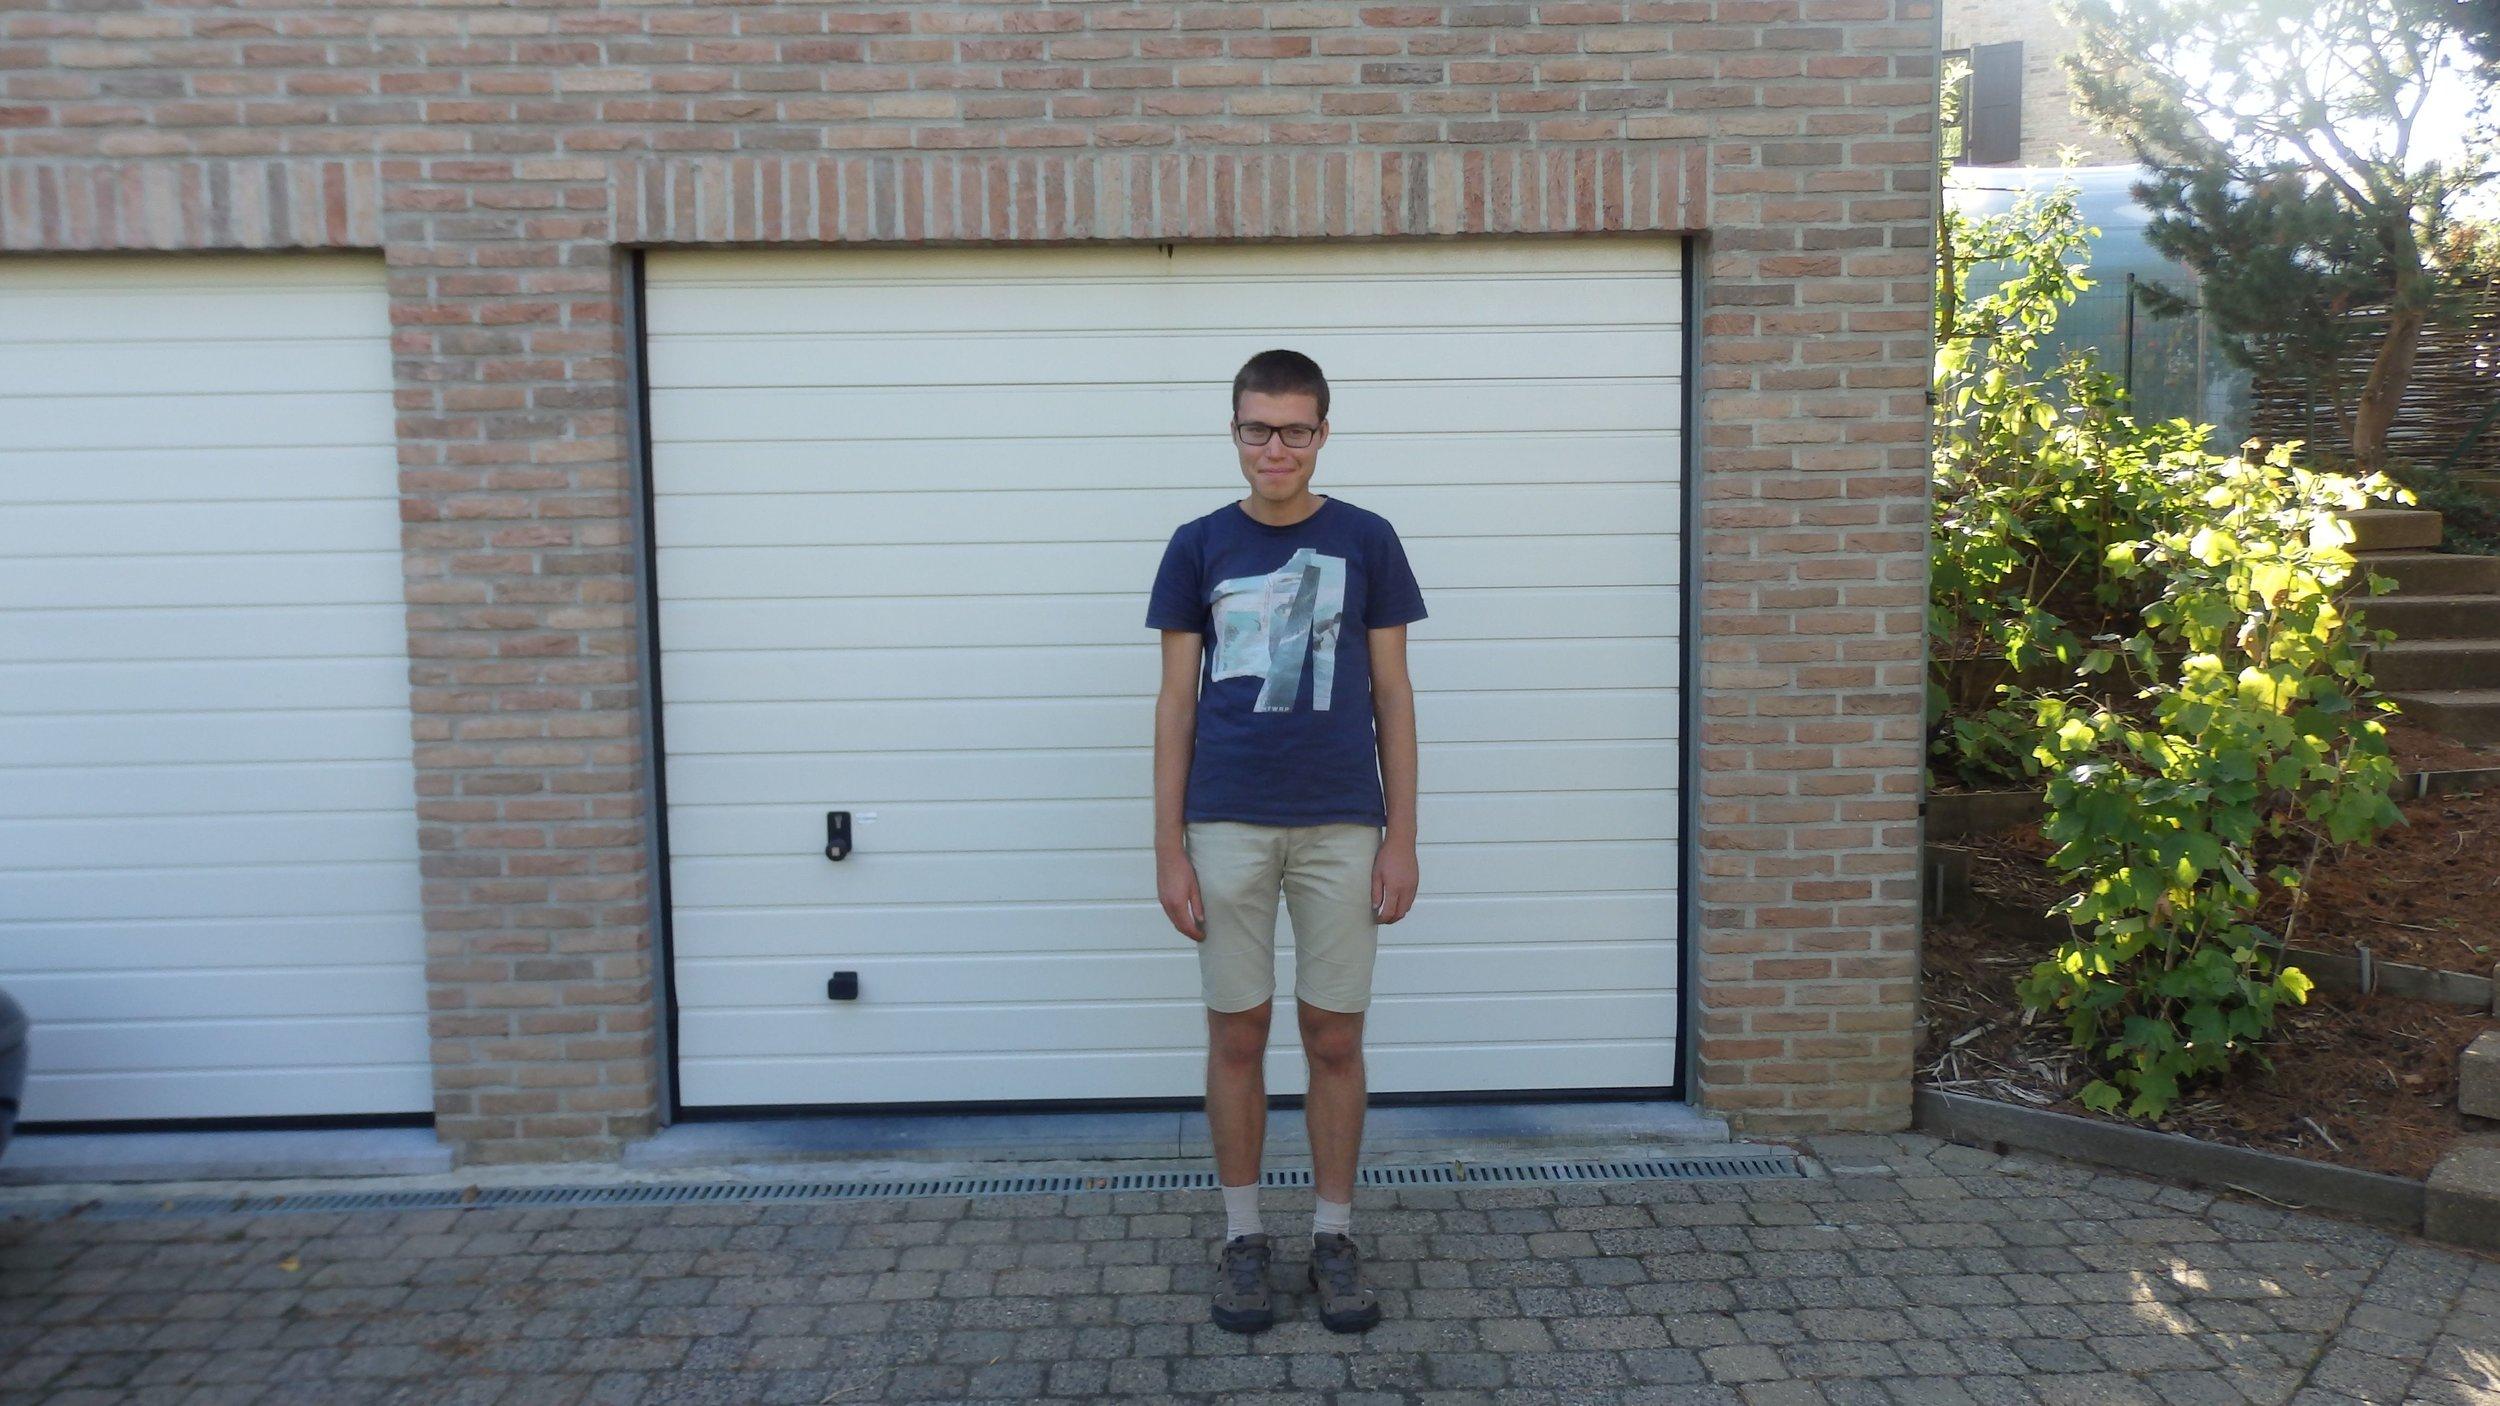 Pieter wil graag de trein nemen   Pieter is een jongeman van 24 uit Leuven. Hij heeft autisme, maar wil volop zelfstandig zijn en overal naartoe met de trein. Hij heeft hierbij enkel wat begeleiding nodig.   Ik ga samen met Pieter op stap!